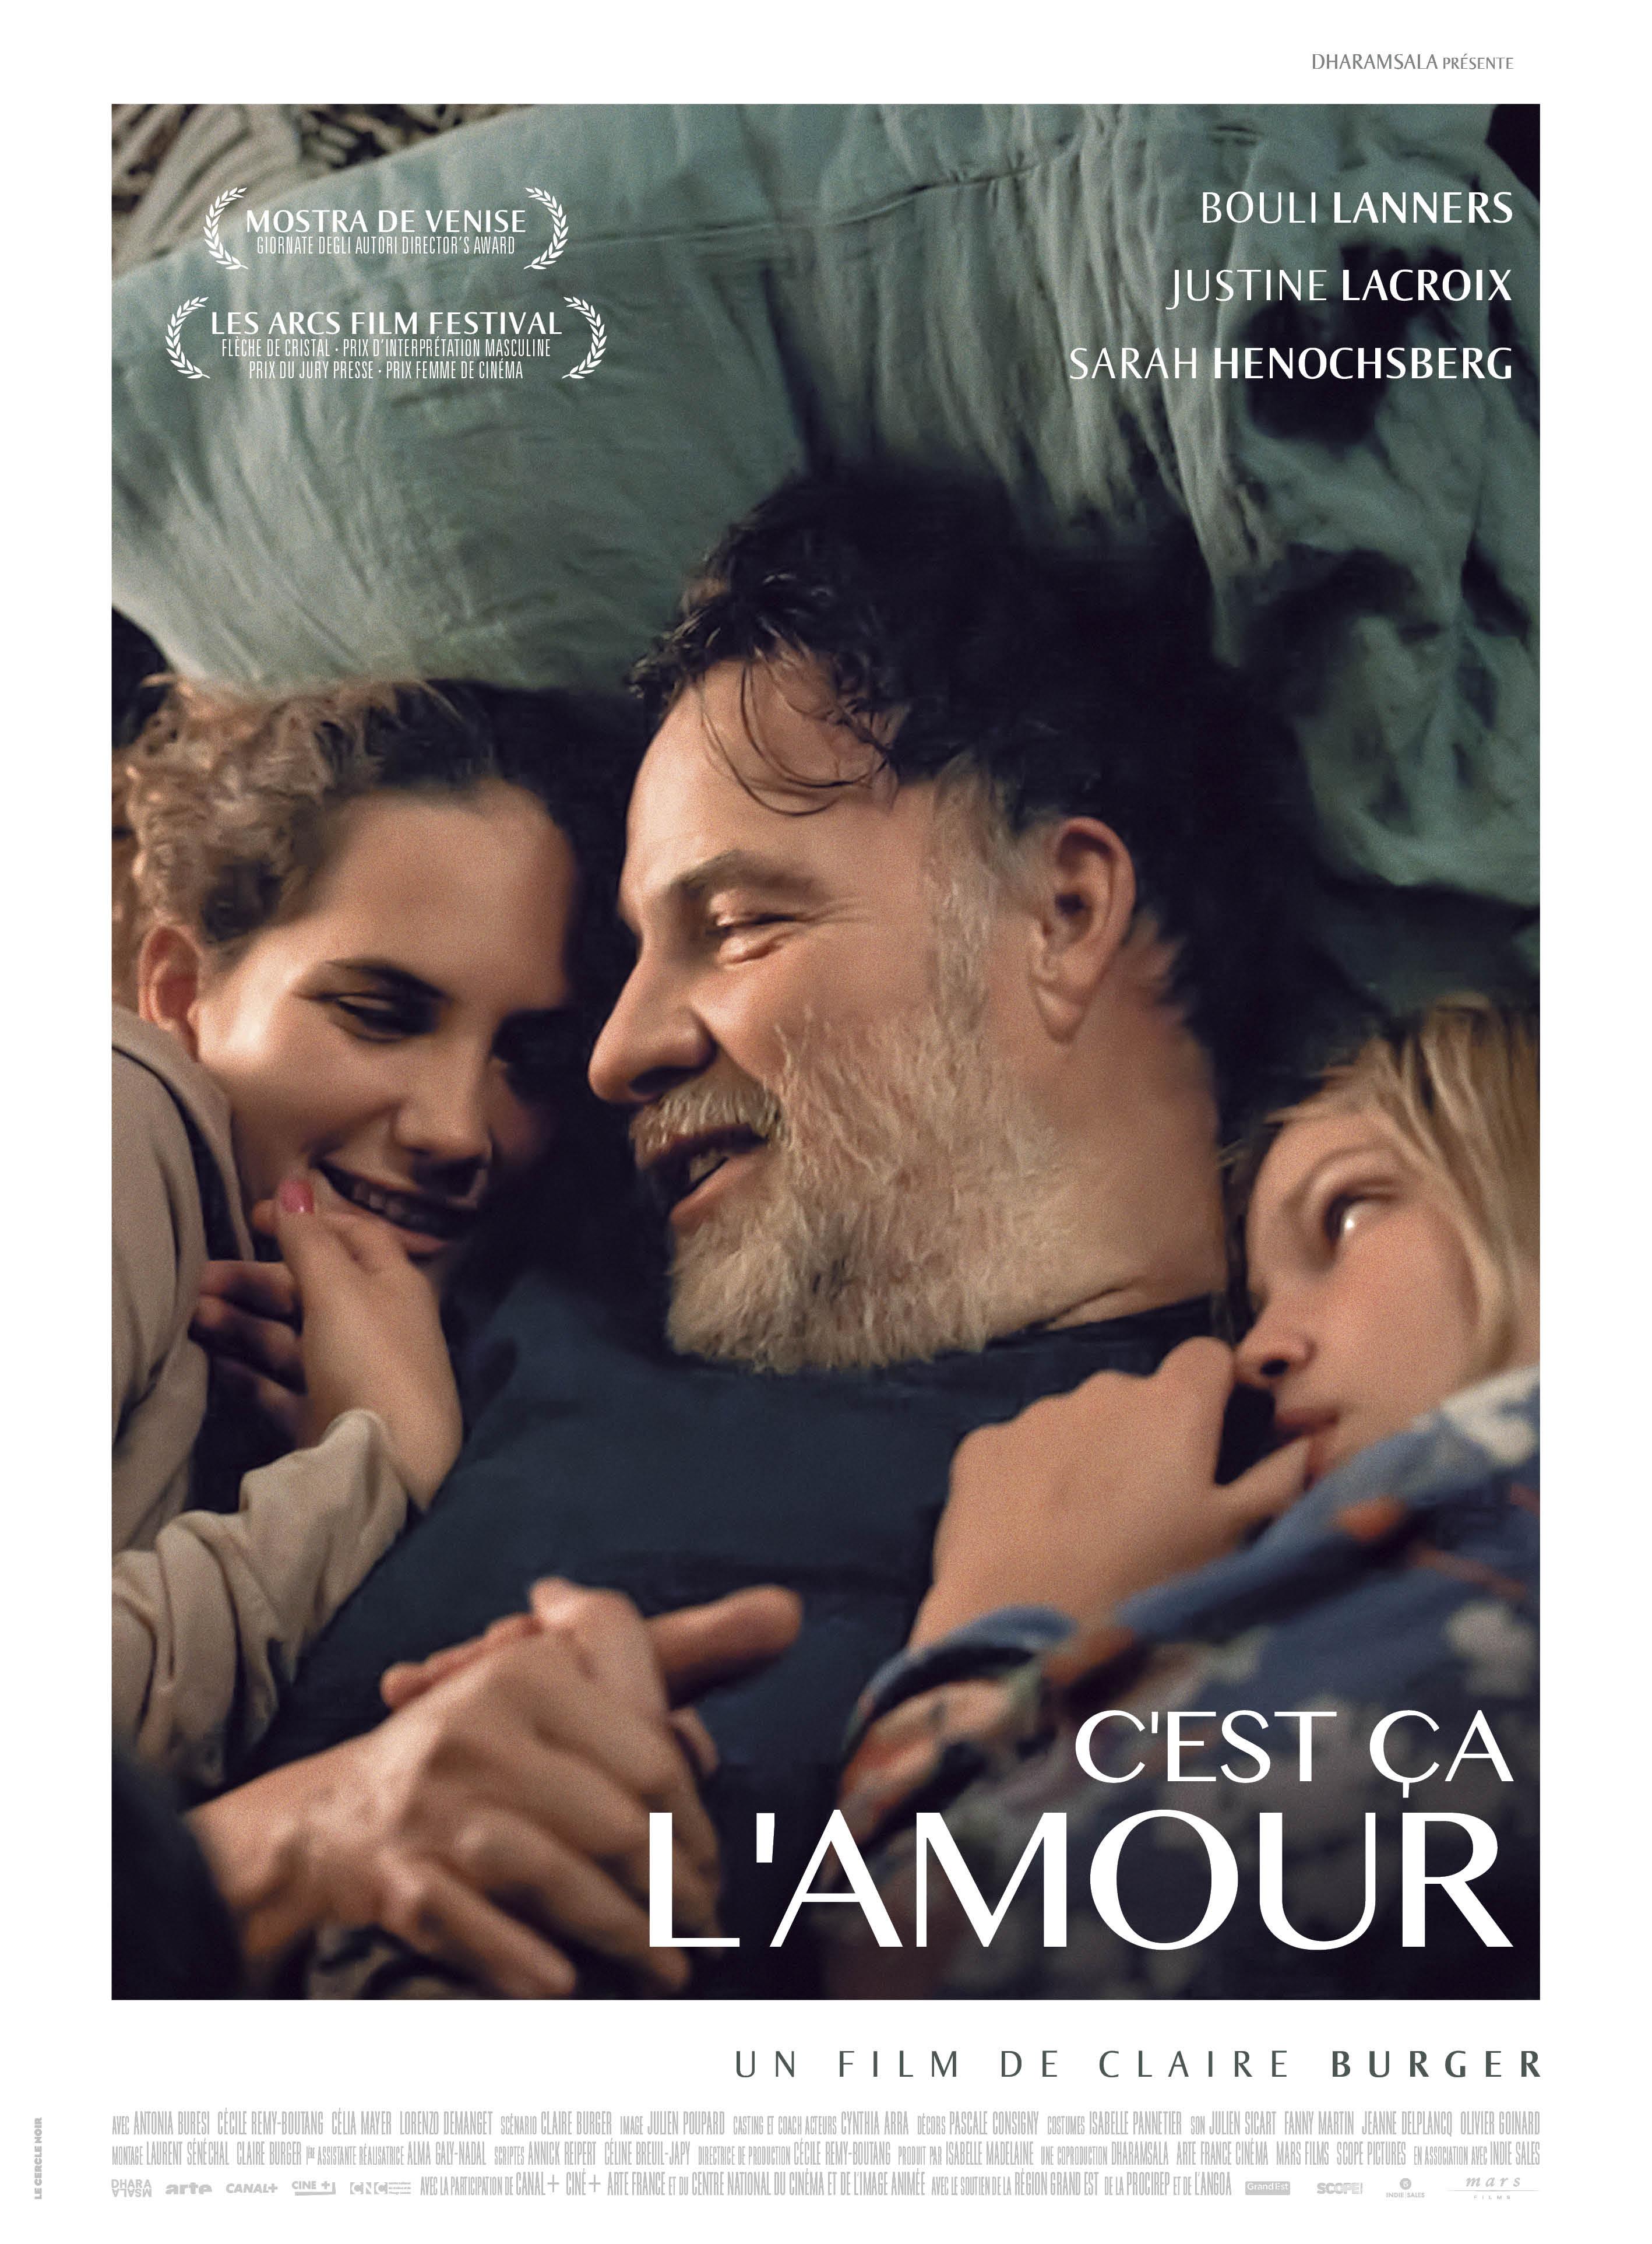 affiche du film : C'est ça l'amour